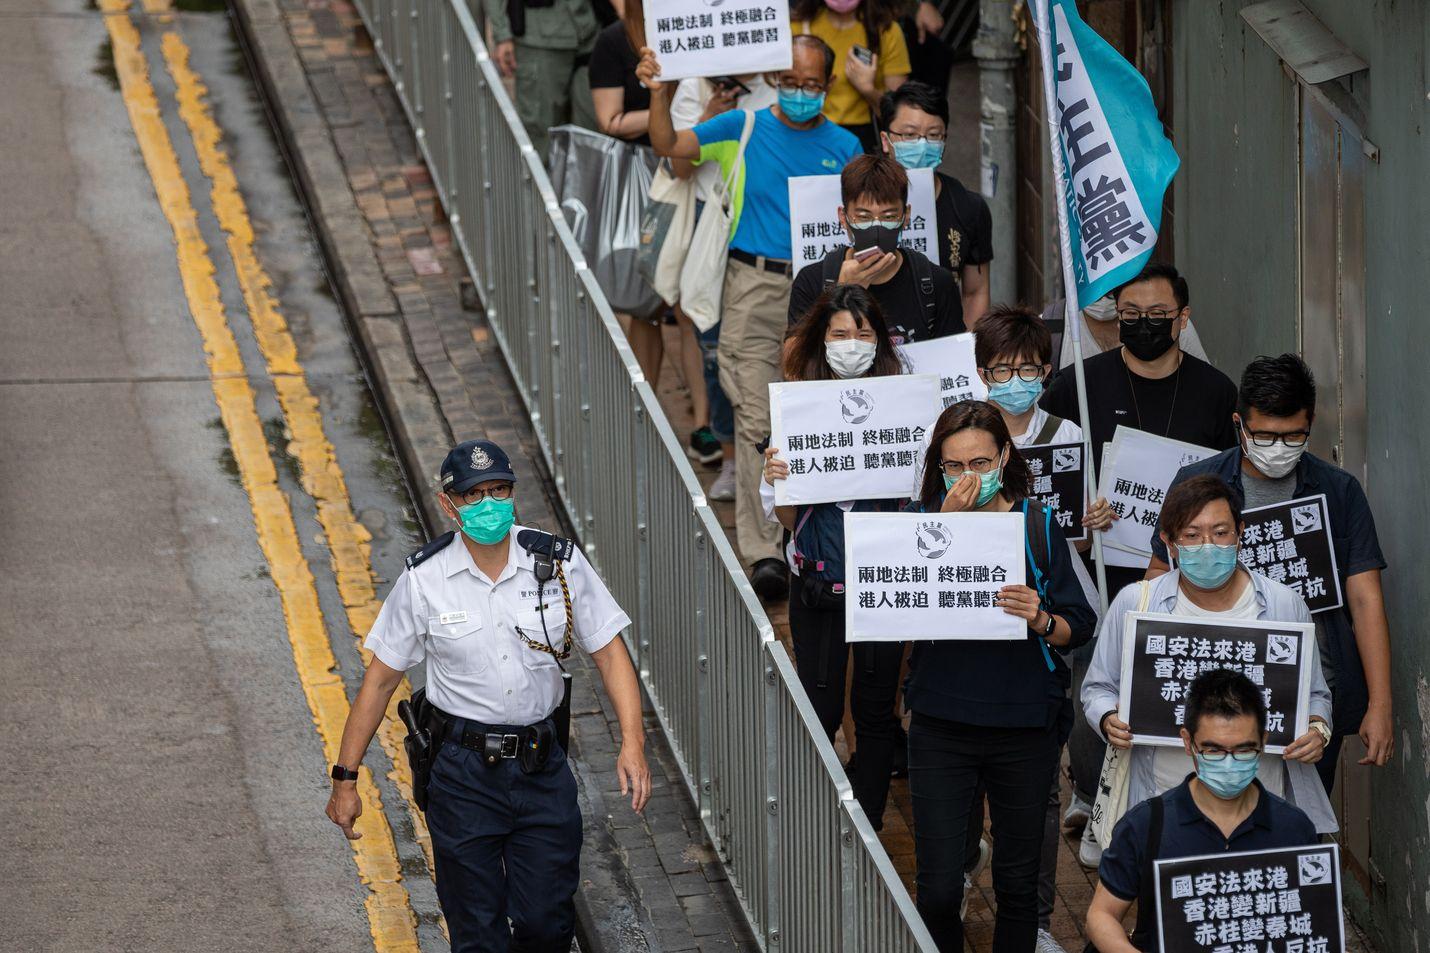 Hongkongissa protestoitiin turvallisuuslakeja vastaan perjantaina.